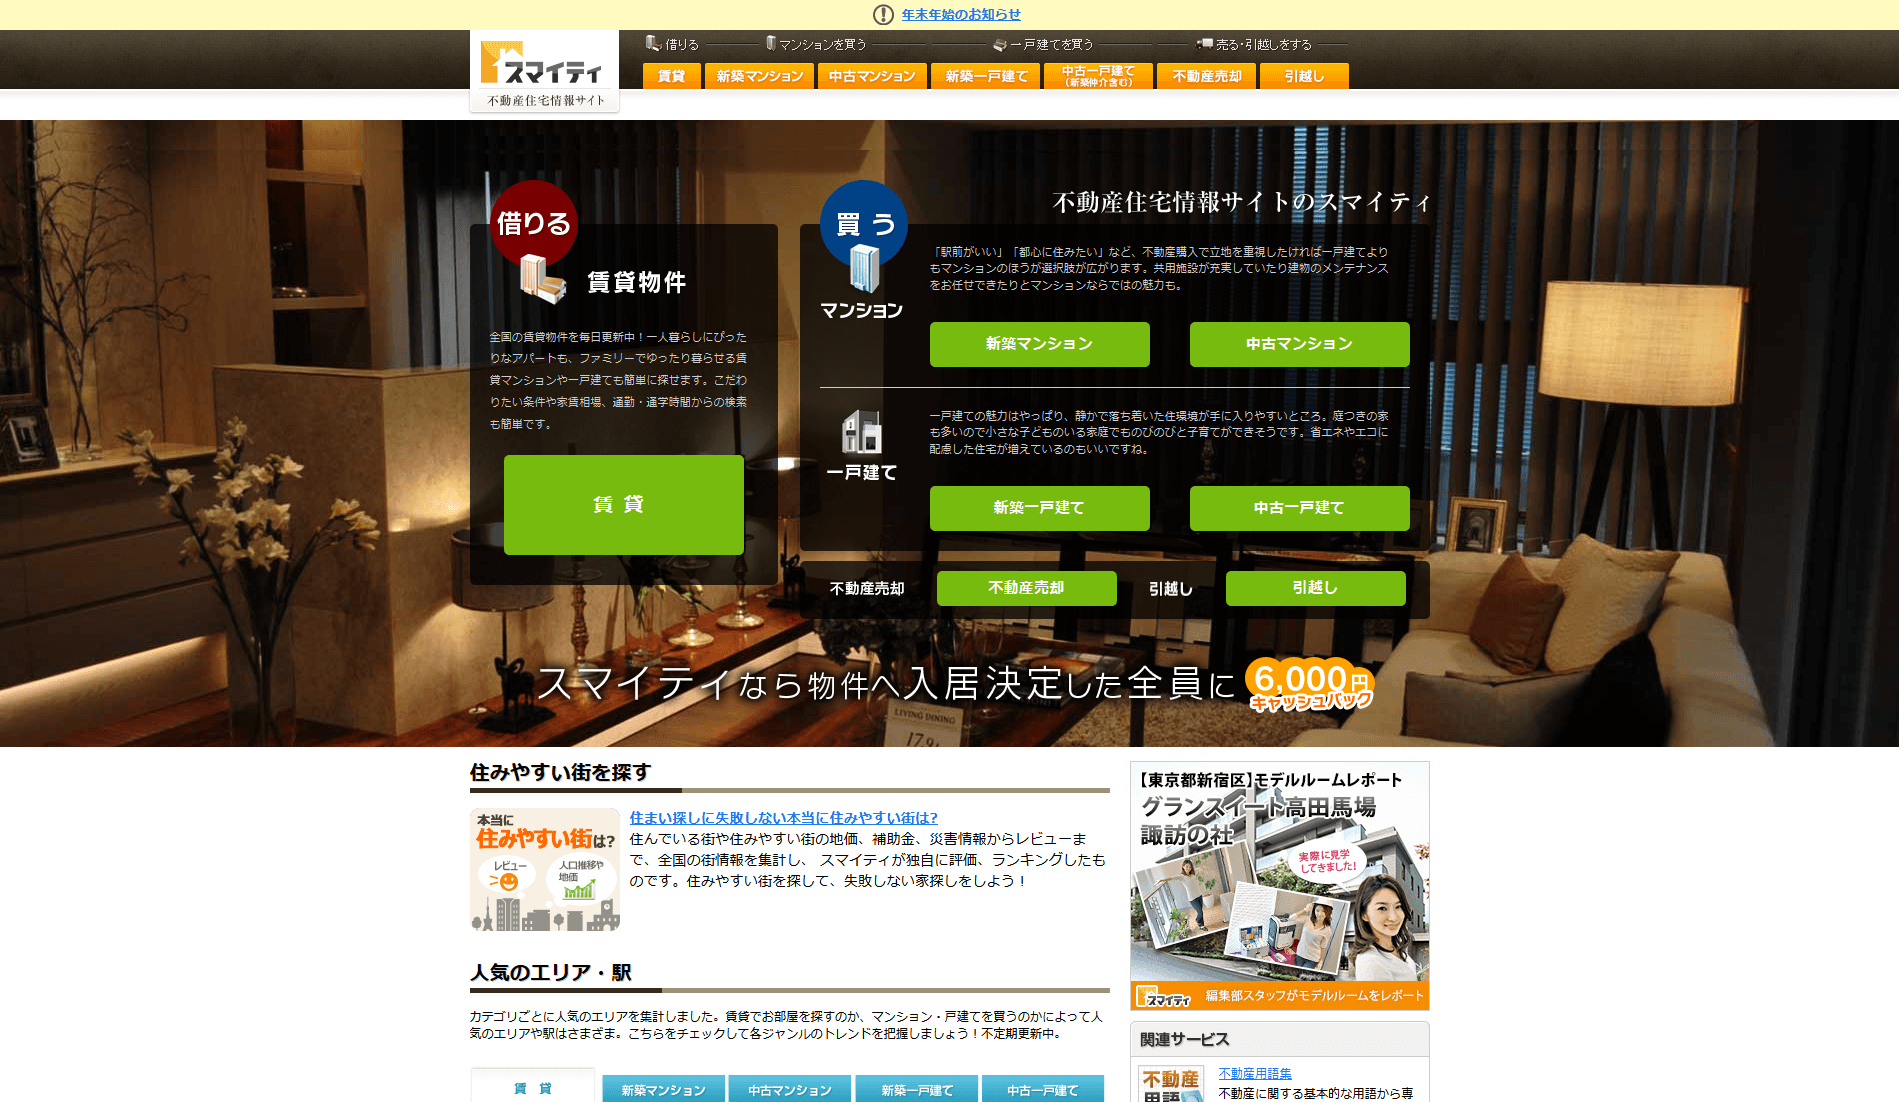 【スマイティ】不動産住宅情報サイト